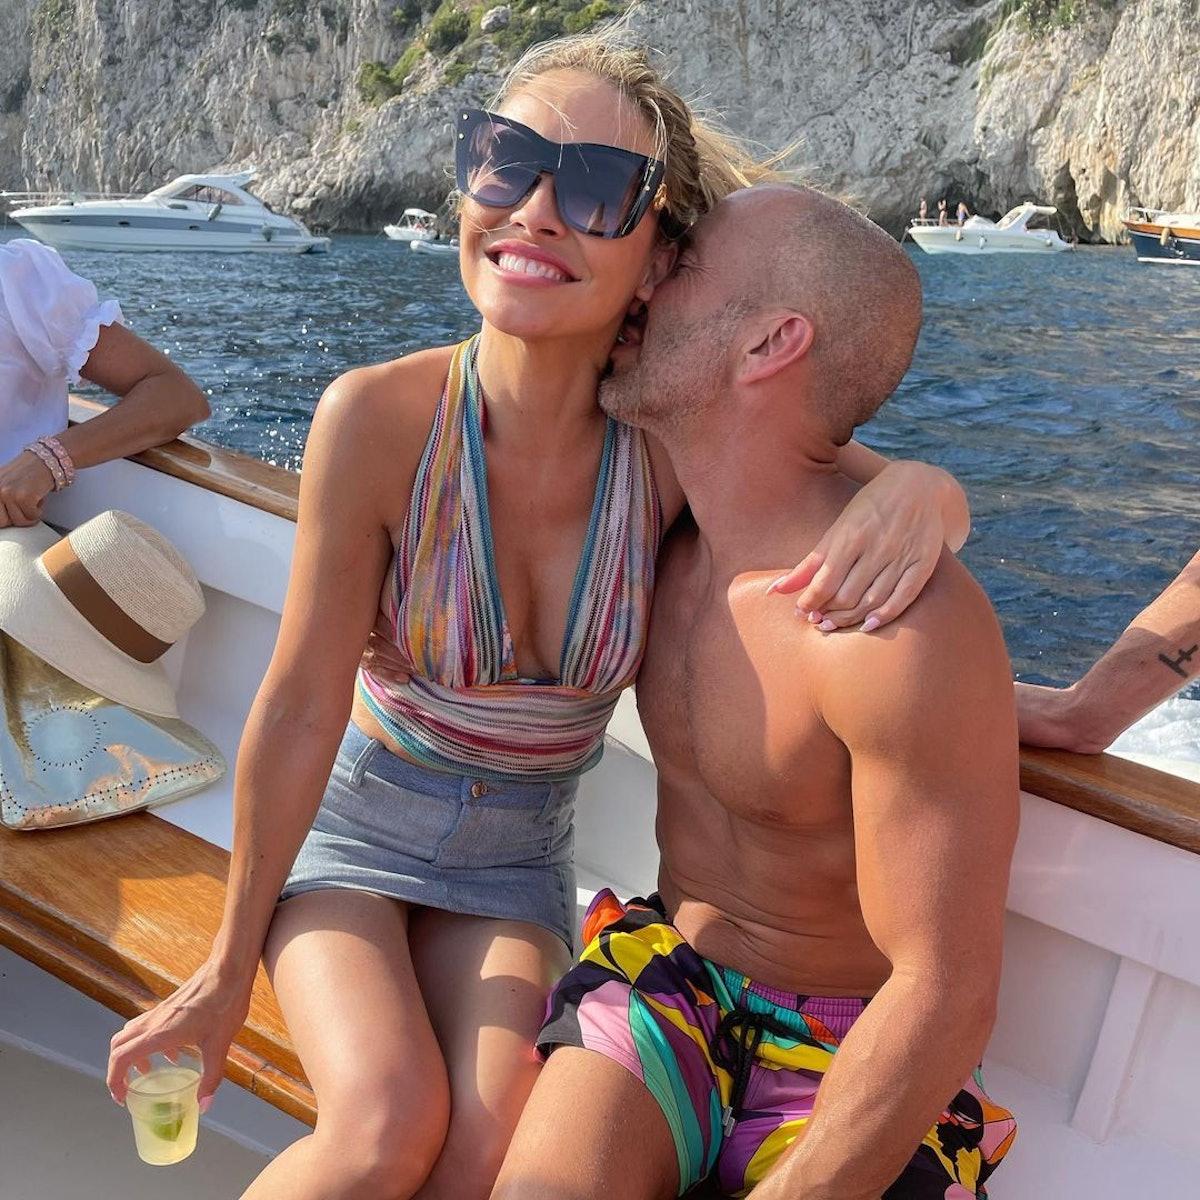 Jason nuzzling Chrishell's neck on a boat.